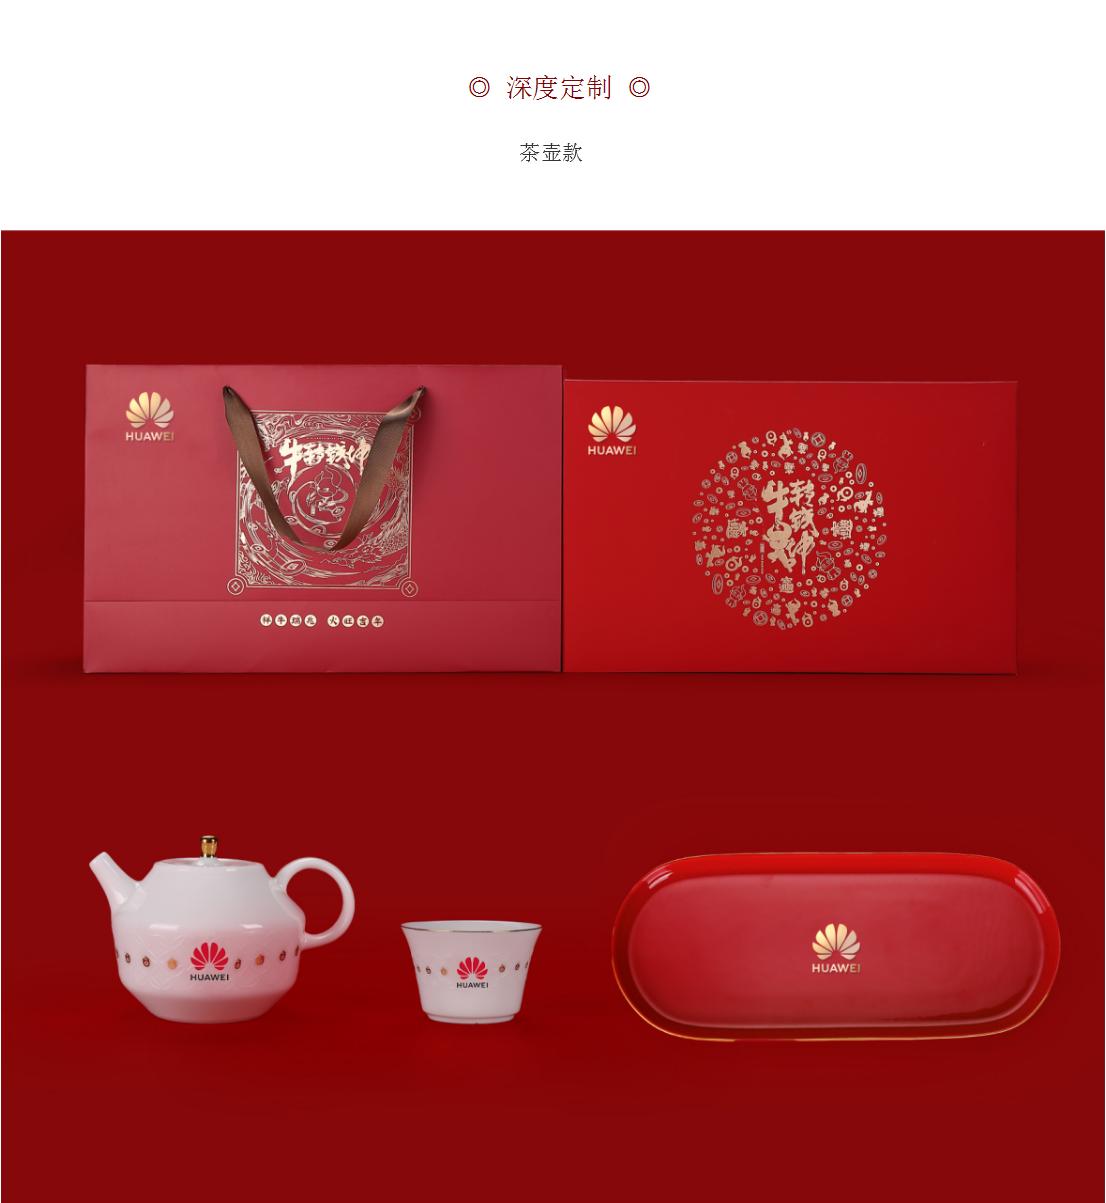 牛转钱坤·(10bet在线娱乐)茶具礼装